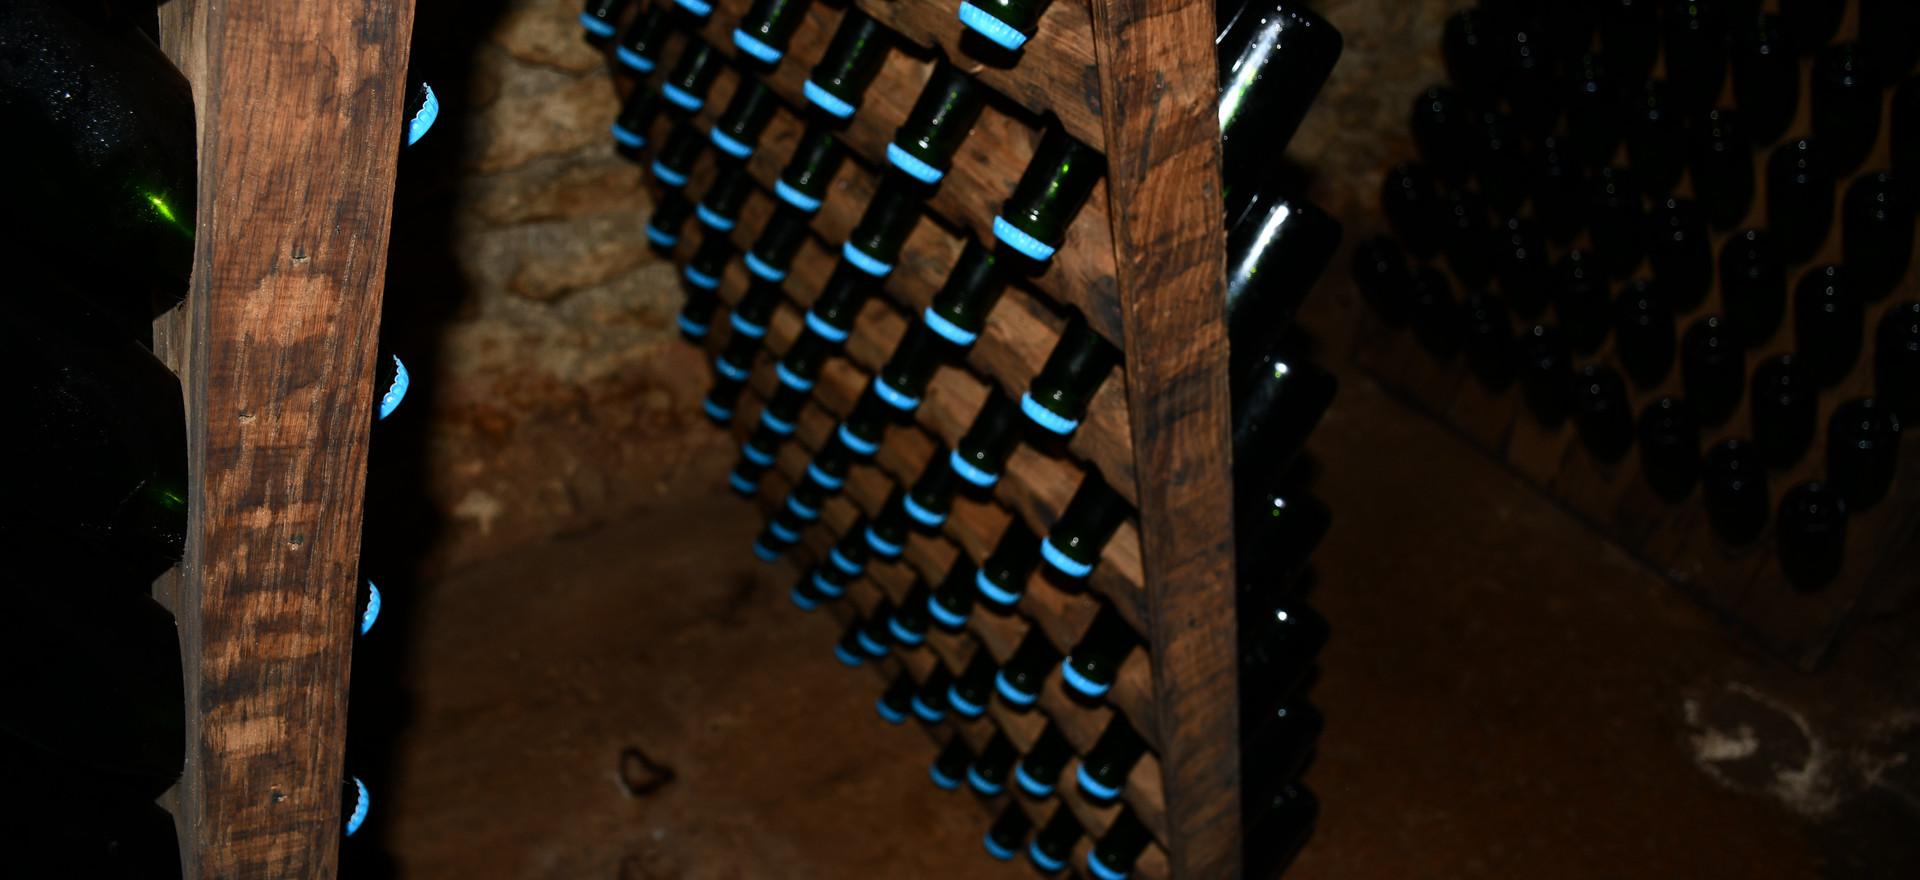 Hier befinden sich die Chamapgner in der Remuage. Es bezwecht das die Hefe Rückstände langsam in den Flaschenhals kommen um diese vom Saft zu trennen und somit auch die Gärung abzuschliessen. Hier sehen wir das dies täglich von Hand gemacht wird. Dabei werden alle Flaschen täglich leicht gedreht.